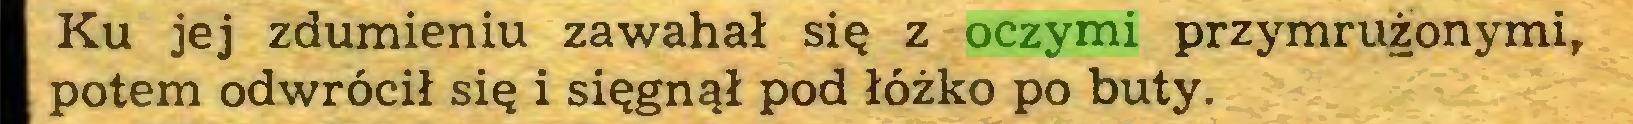 (...) Ku jej zdumieniu zawahał się z oczymi przymrużonymi, potem odwrócił się i sięgnął pod łóżko po buty...